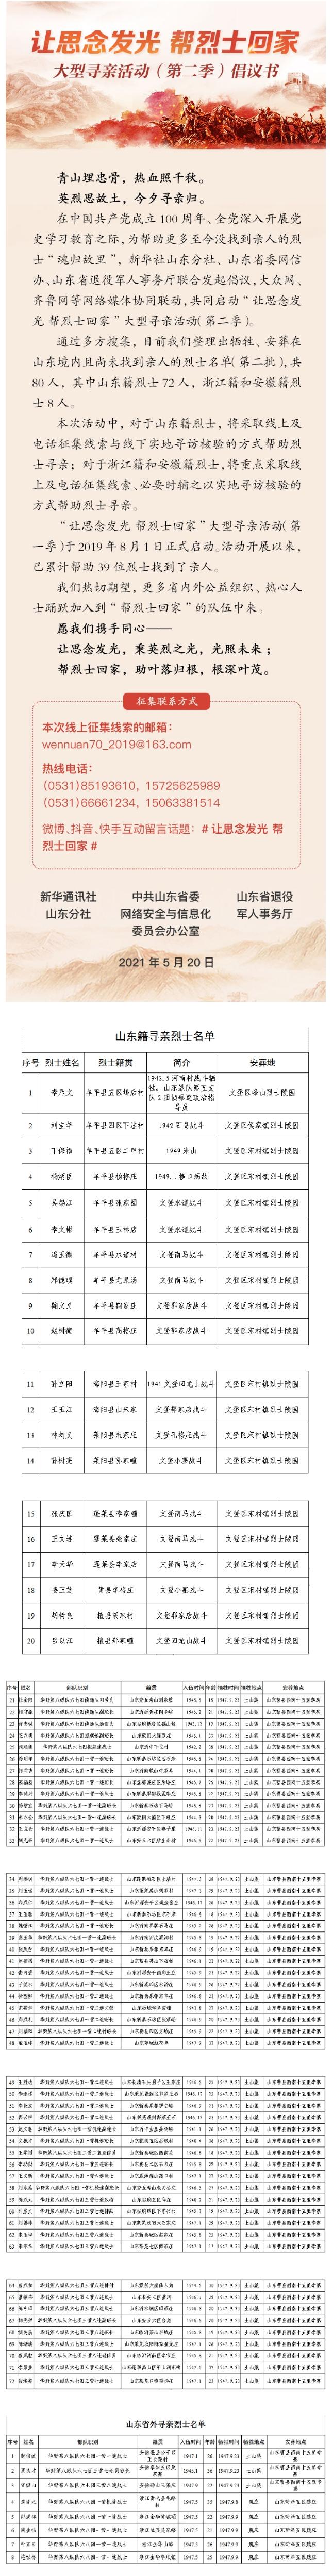 让思念发光 帮烈士回家丨奔波千里,张景宪赴临沂为五位烈士寻亲